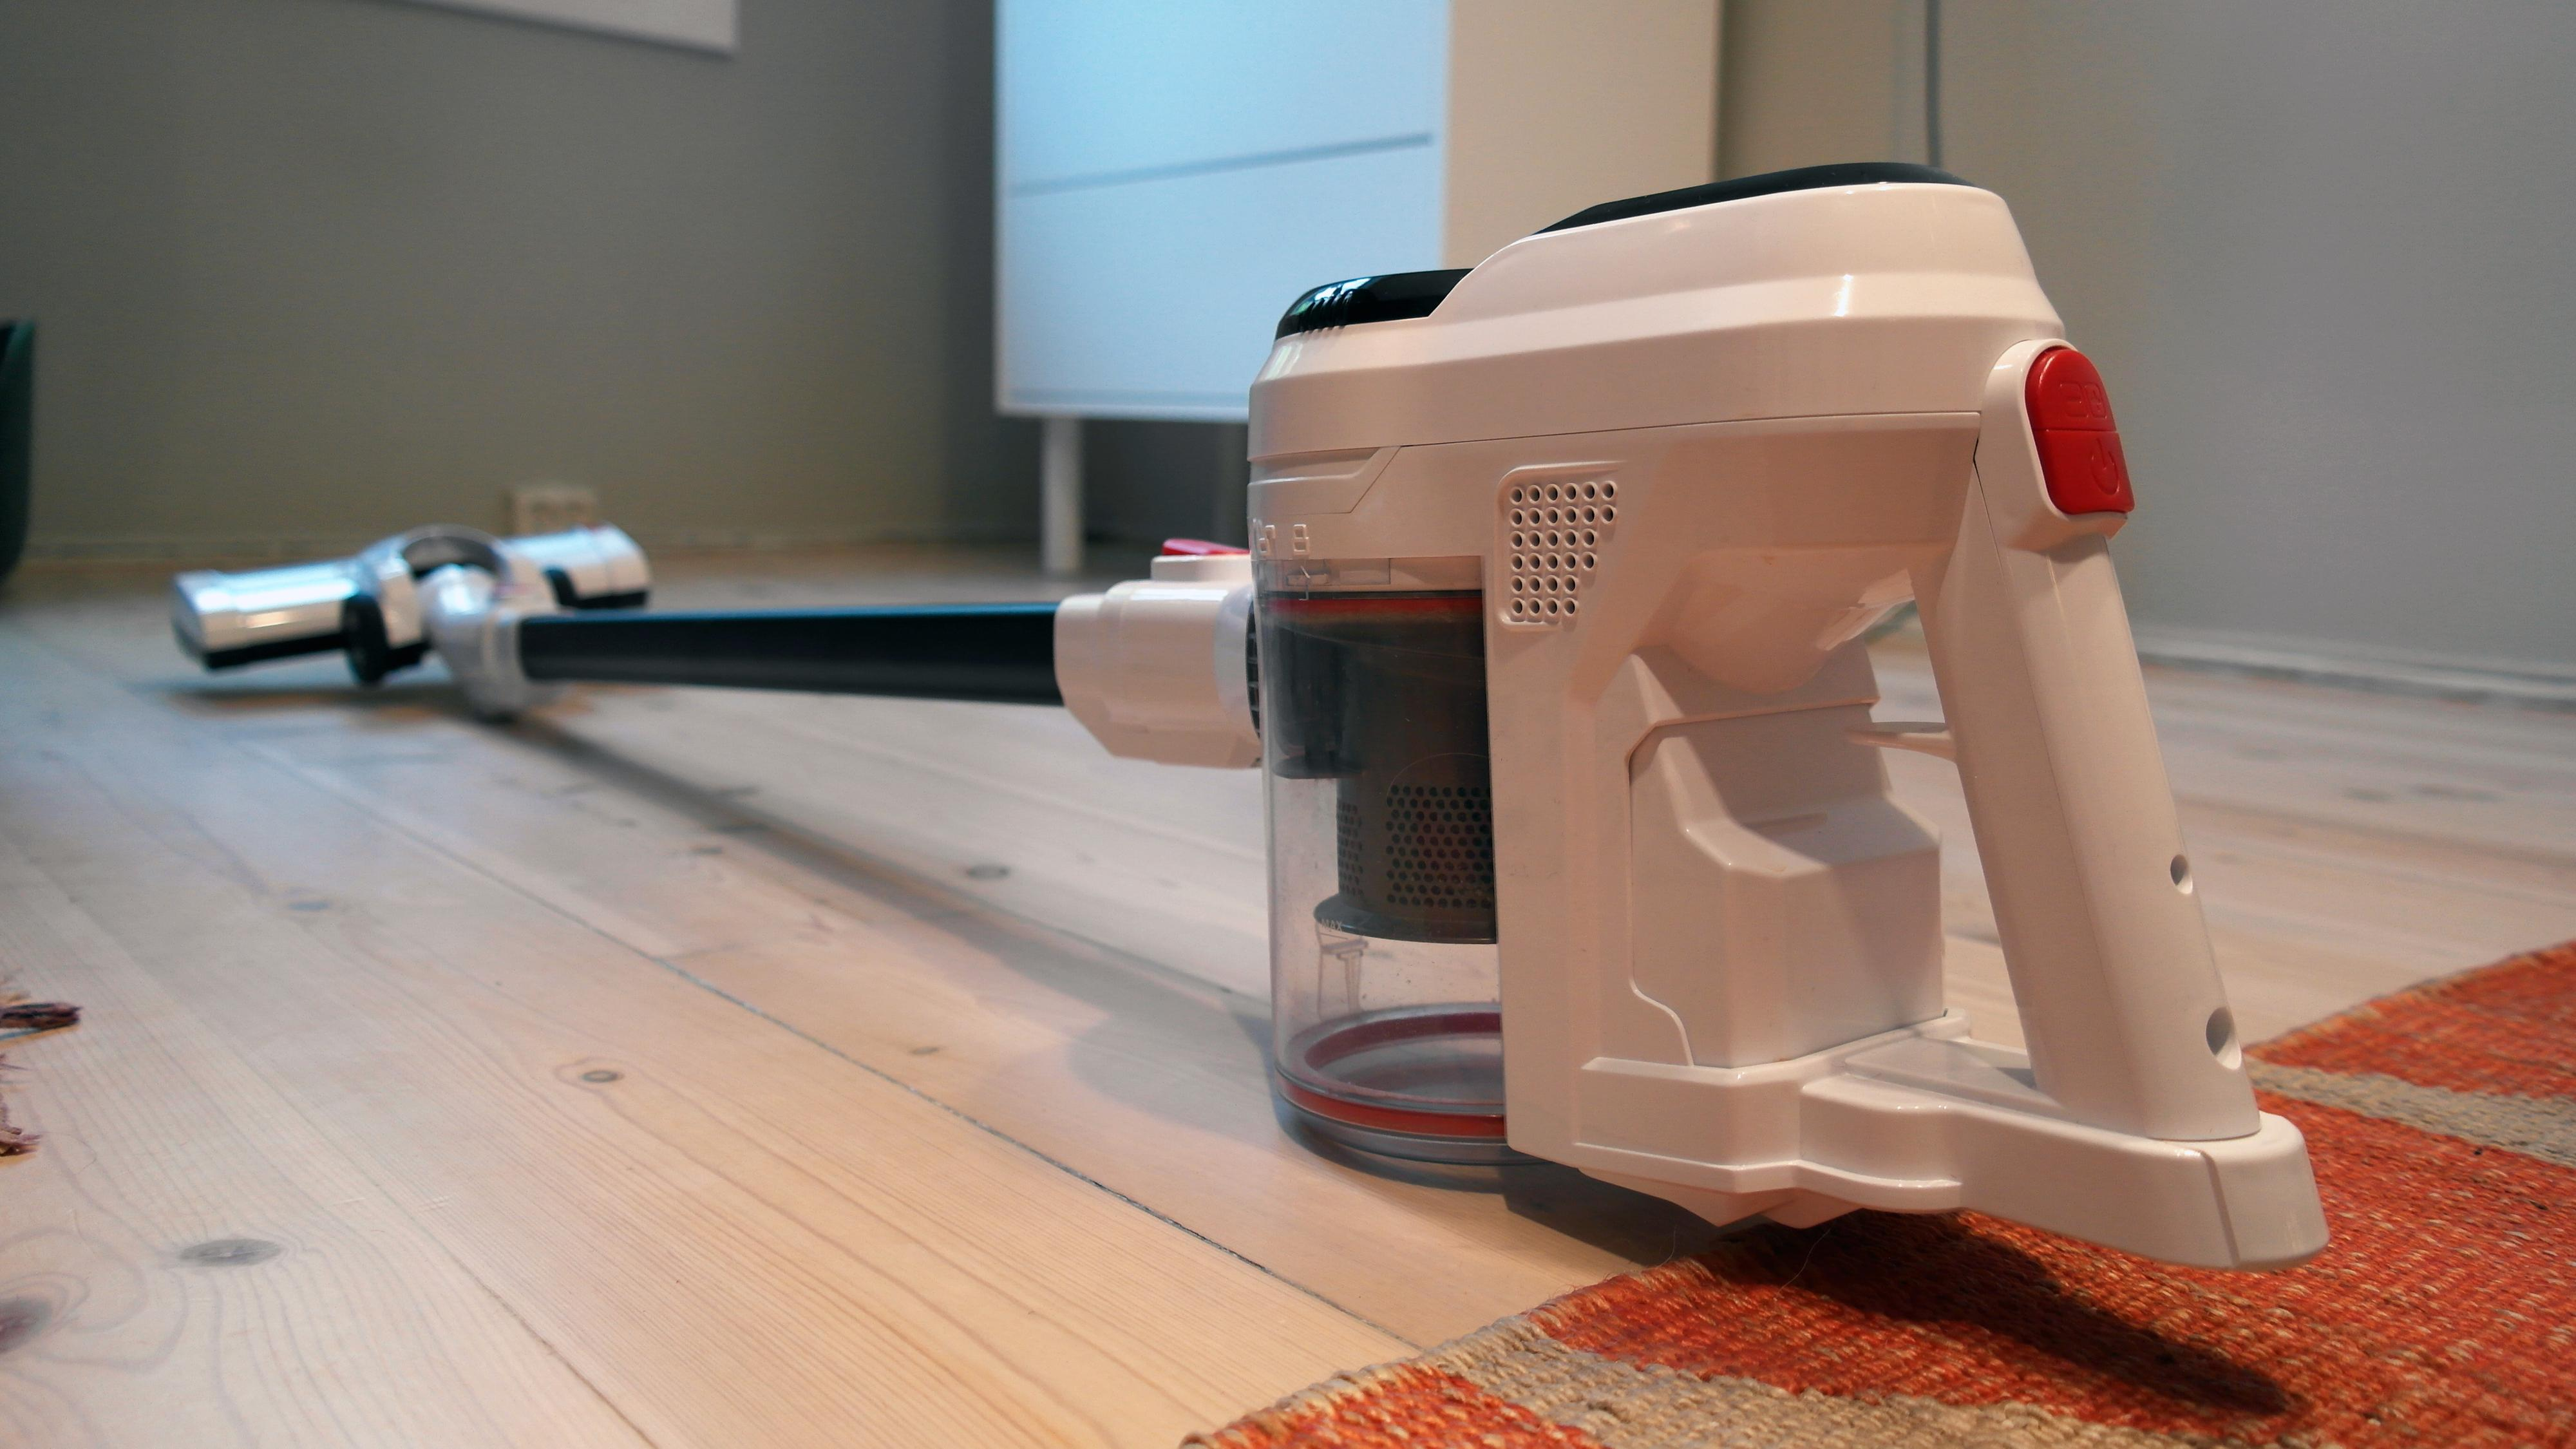 Kan du få en god håndholdt støvsuger for 800 kroner? Vi tester